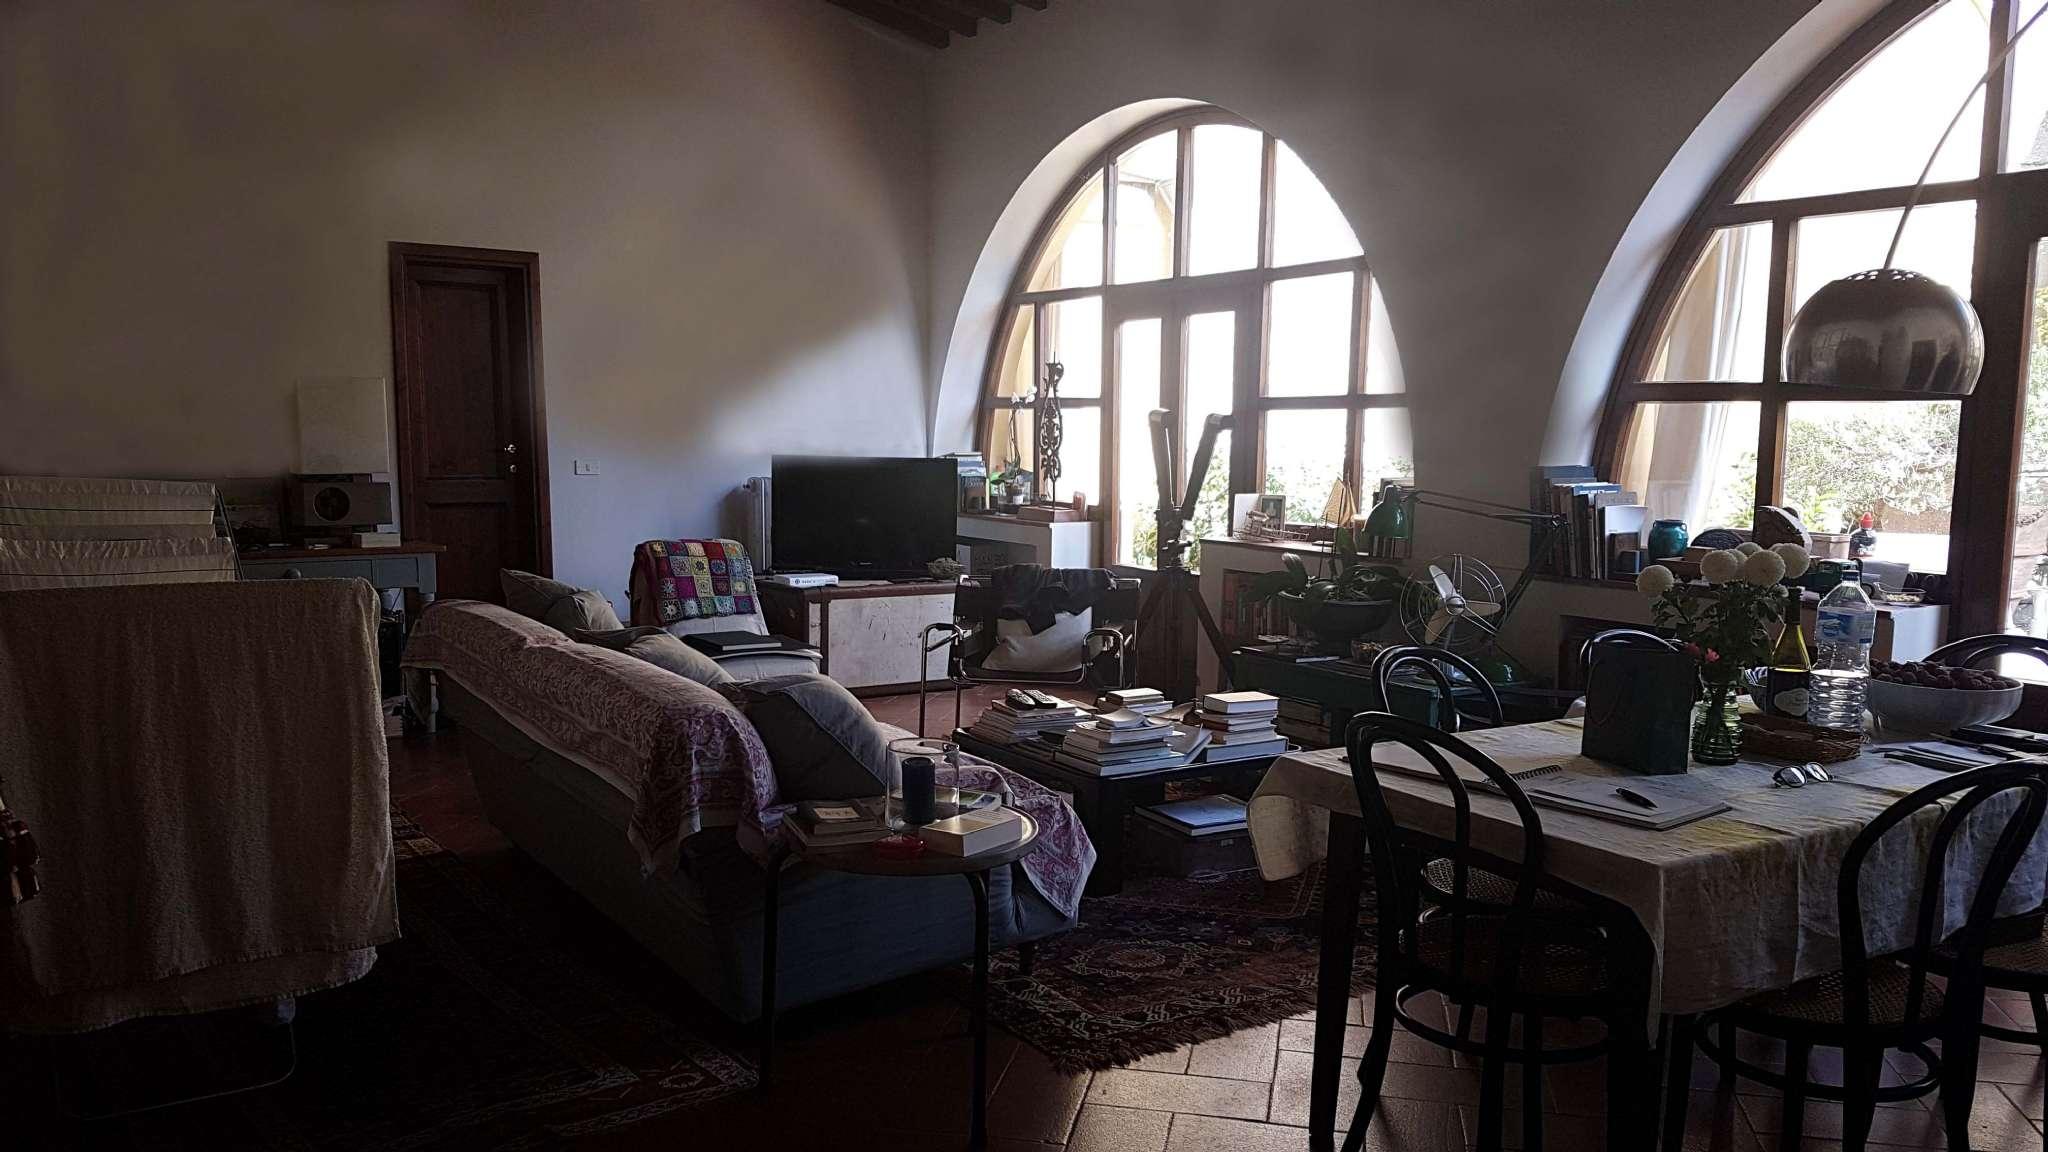 Villa in affitto a Firenze, 3 locali, zona Zona: 19 . Poggio imperiale, Porta Romana, Piazzale Michelangelo, prezzo € 1.300 | CambioCasa.it